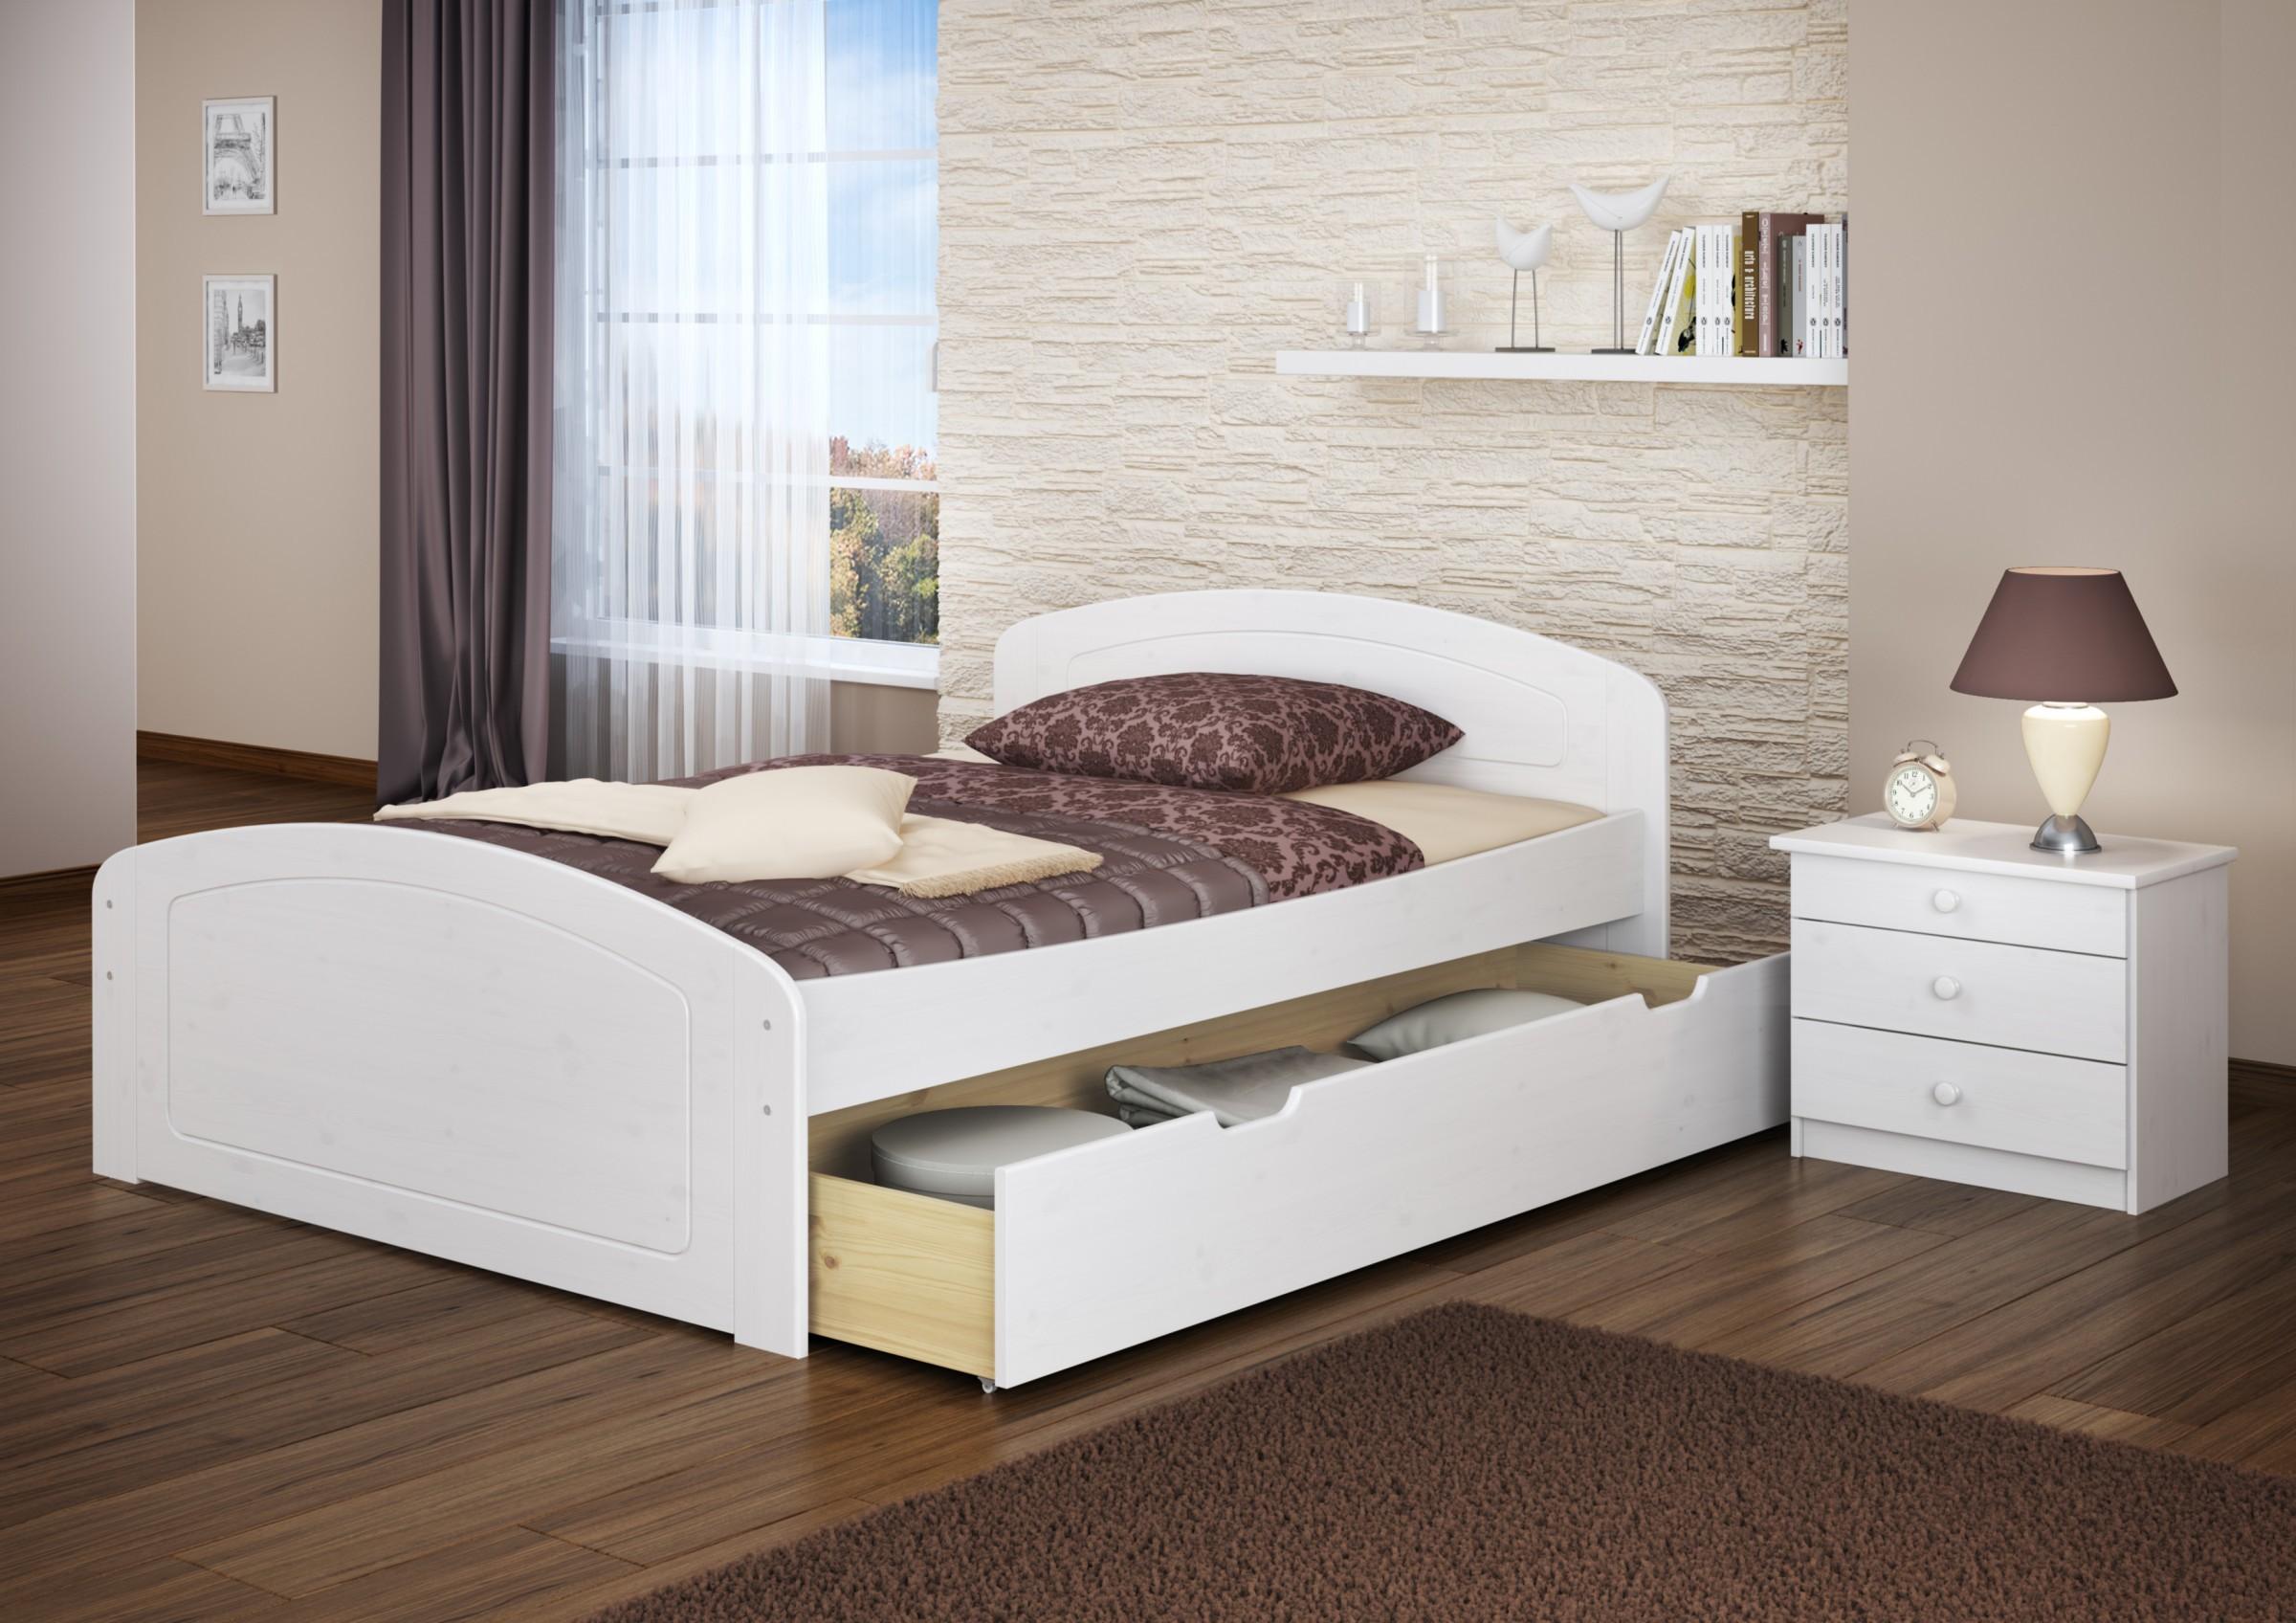 B Ware Möbel : b ware funktionsbett 140x200 doppelbett 3 ~ Watch28wear.com Haus und Dekorationen